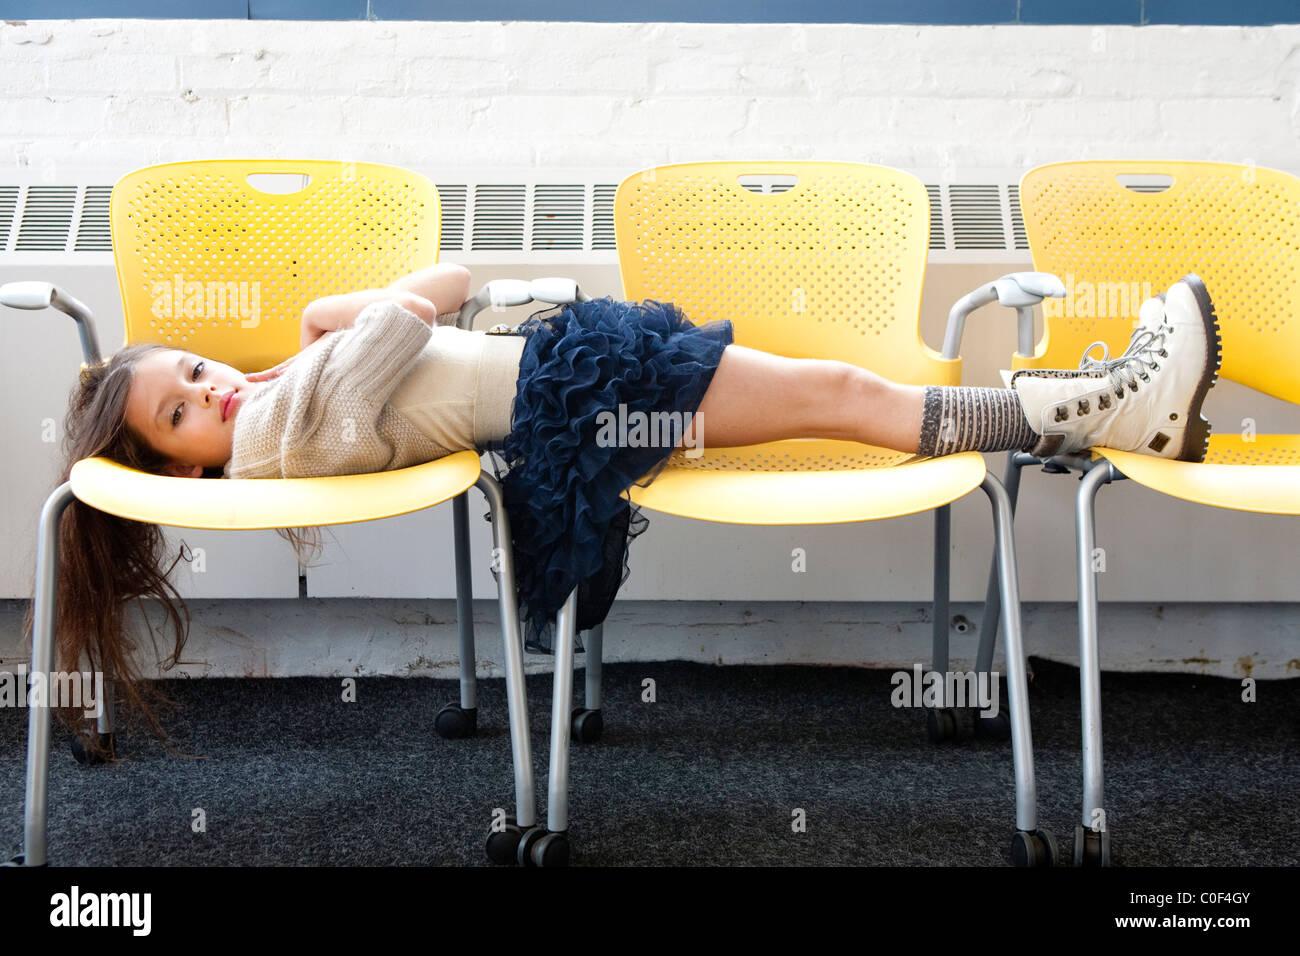 Girl laying across yellow chairs - Stock Image